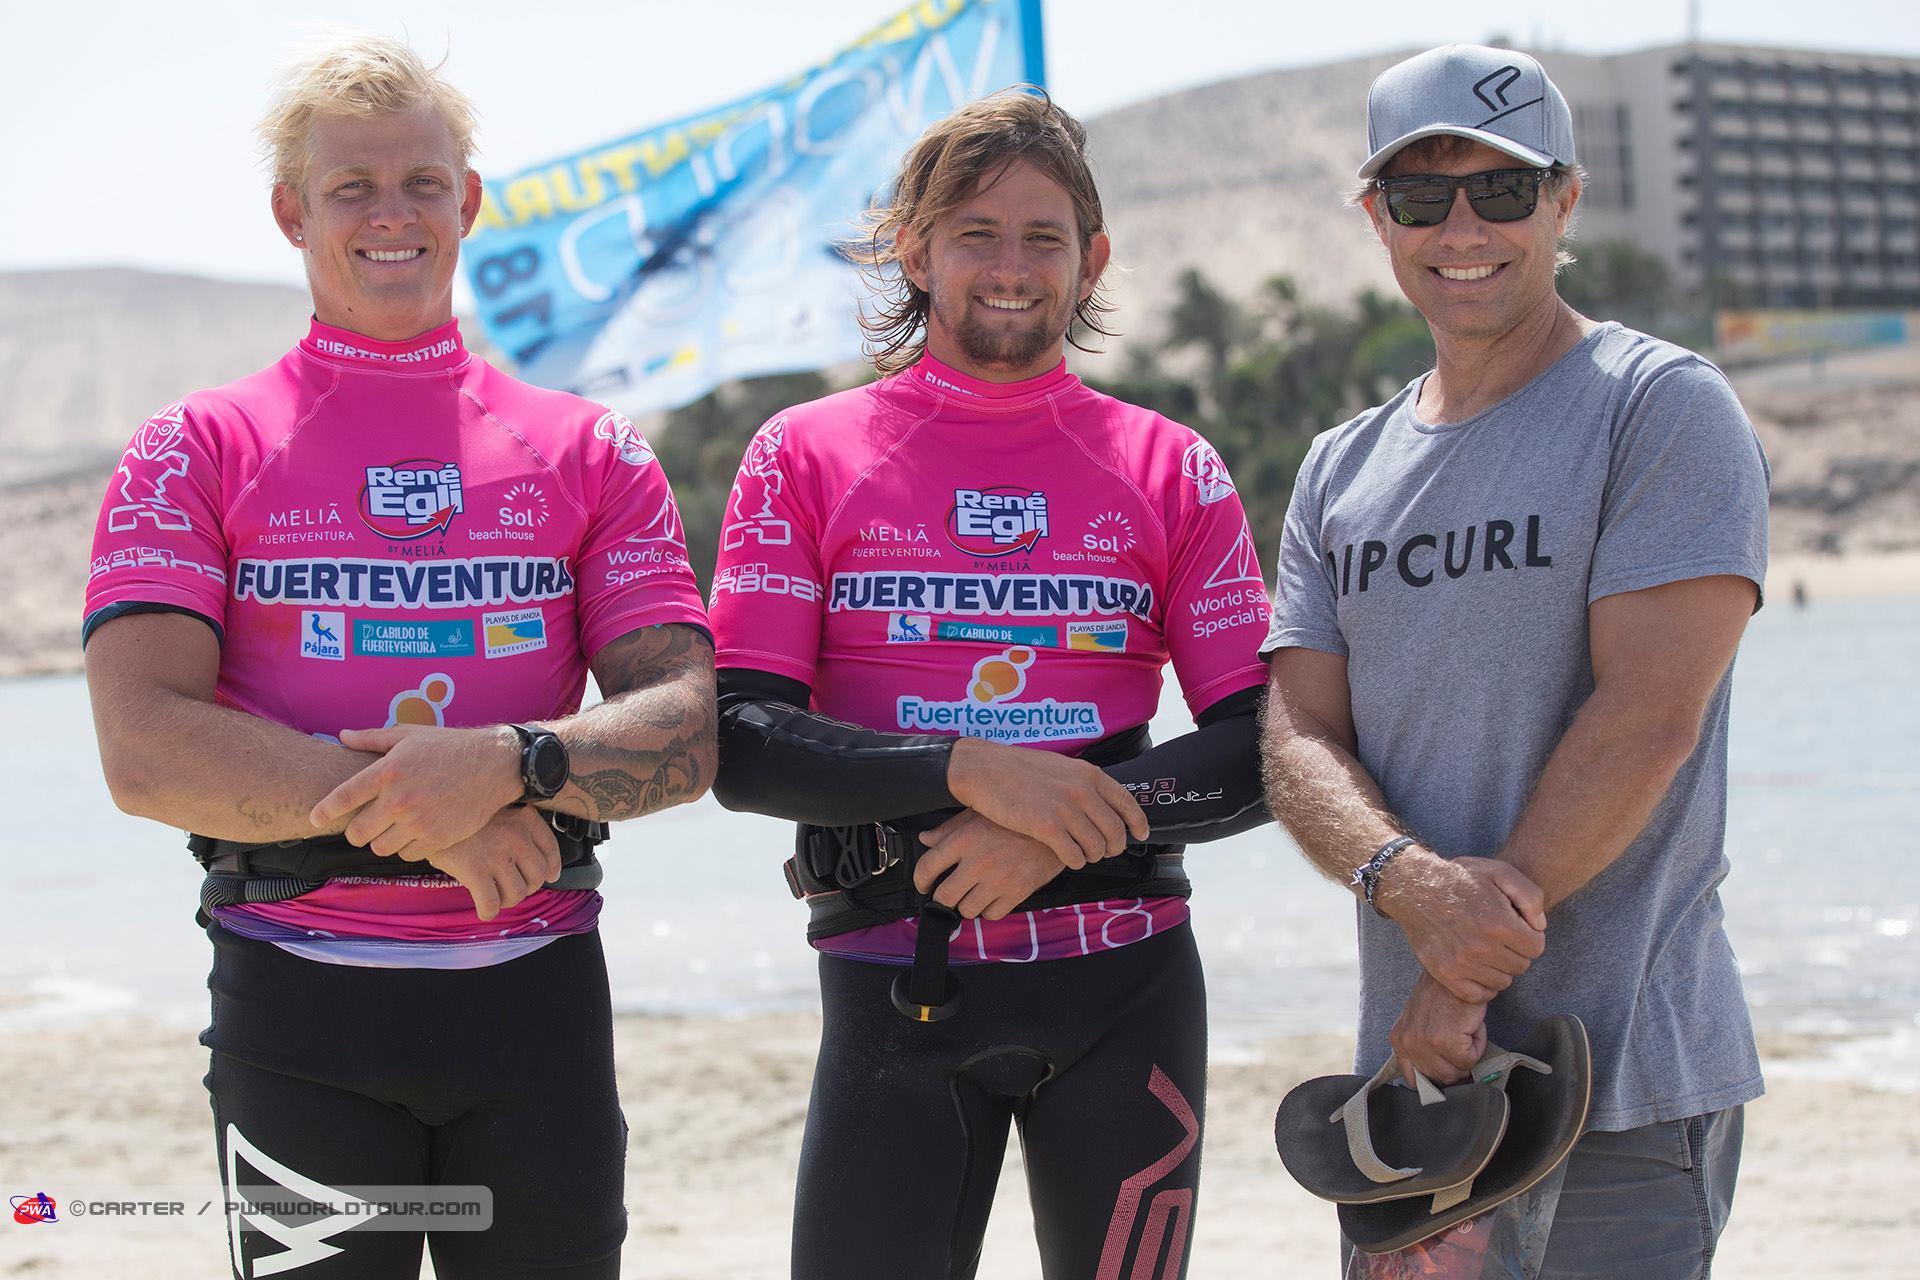 Ben Severne war ebenfalls auf Fuerteventura.